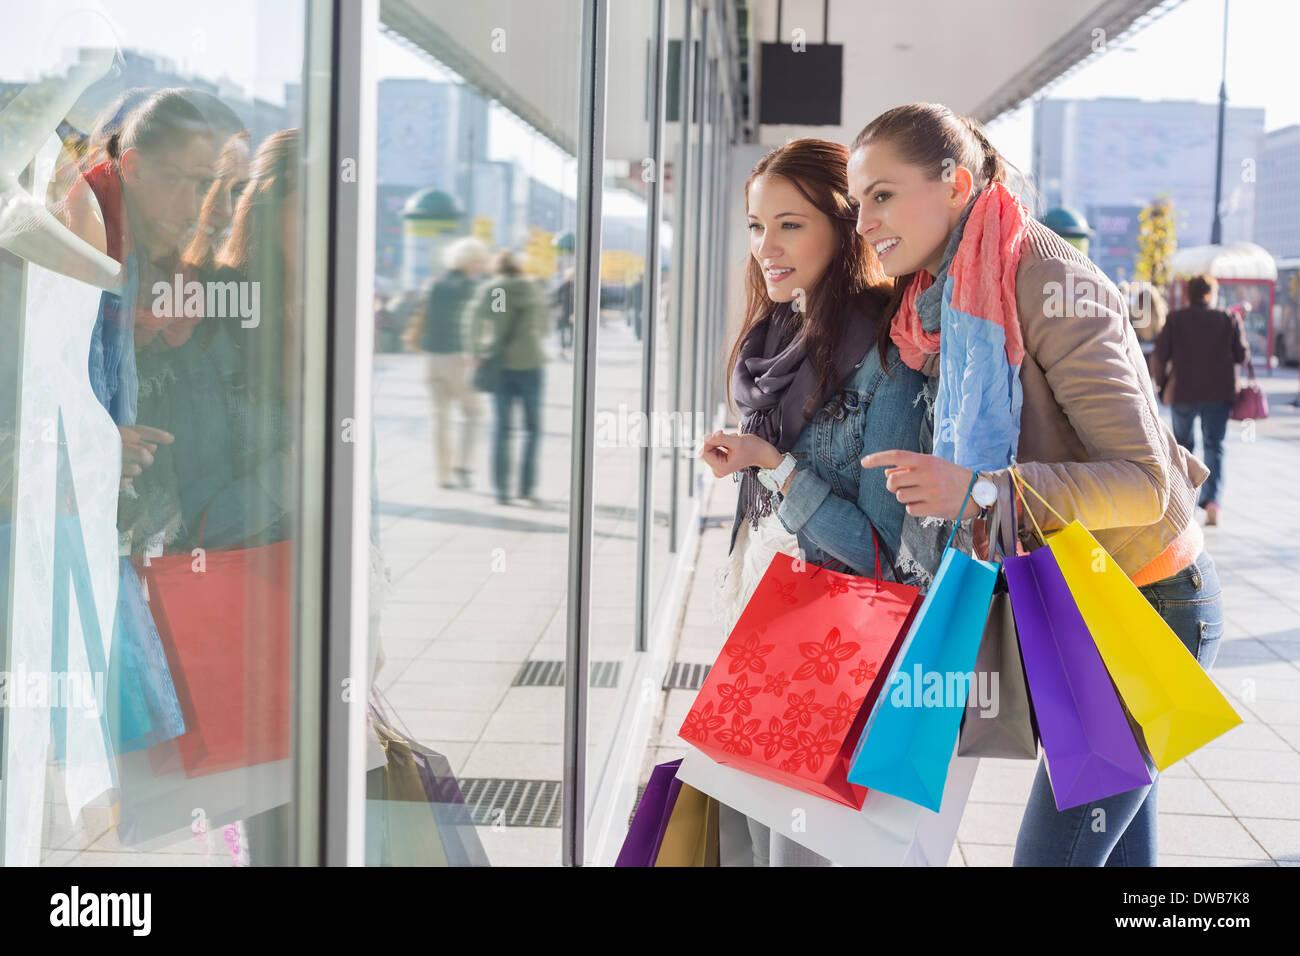 Shopaholic female friends window shopping - Stock Image